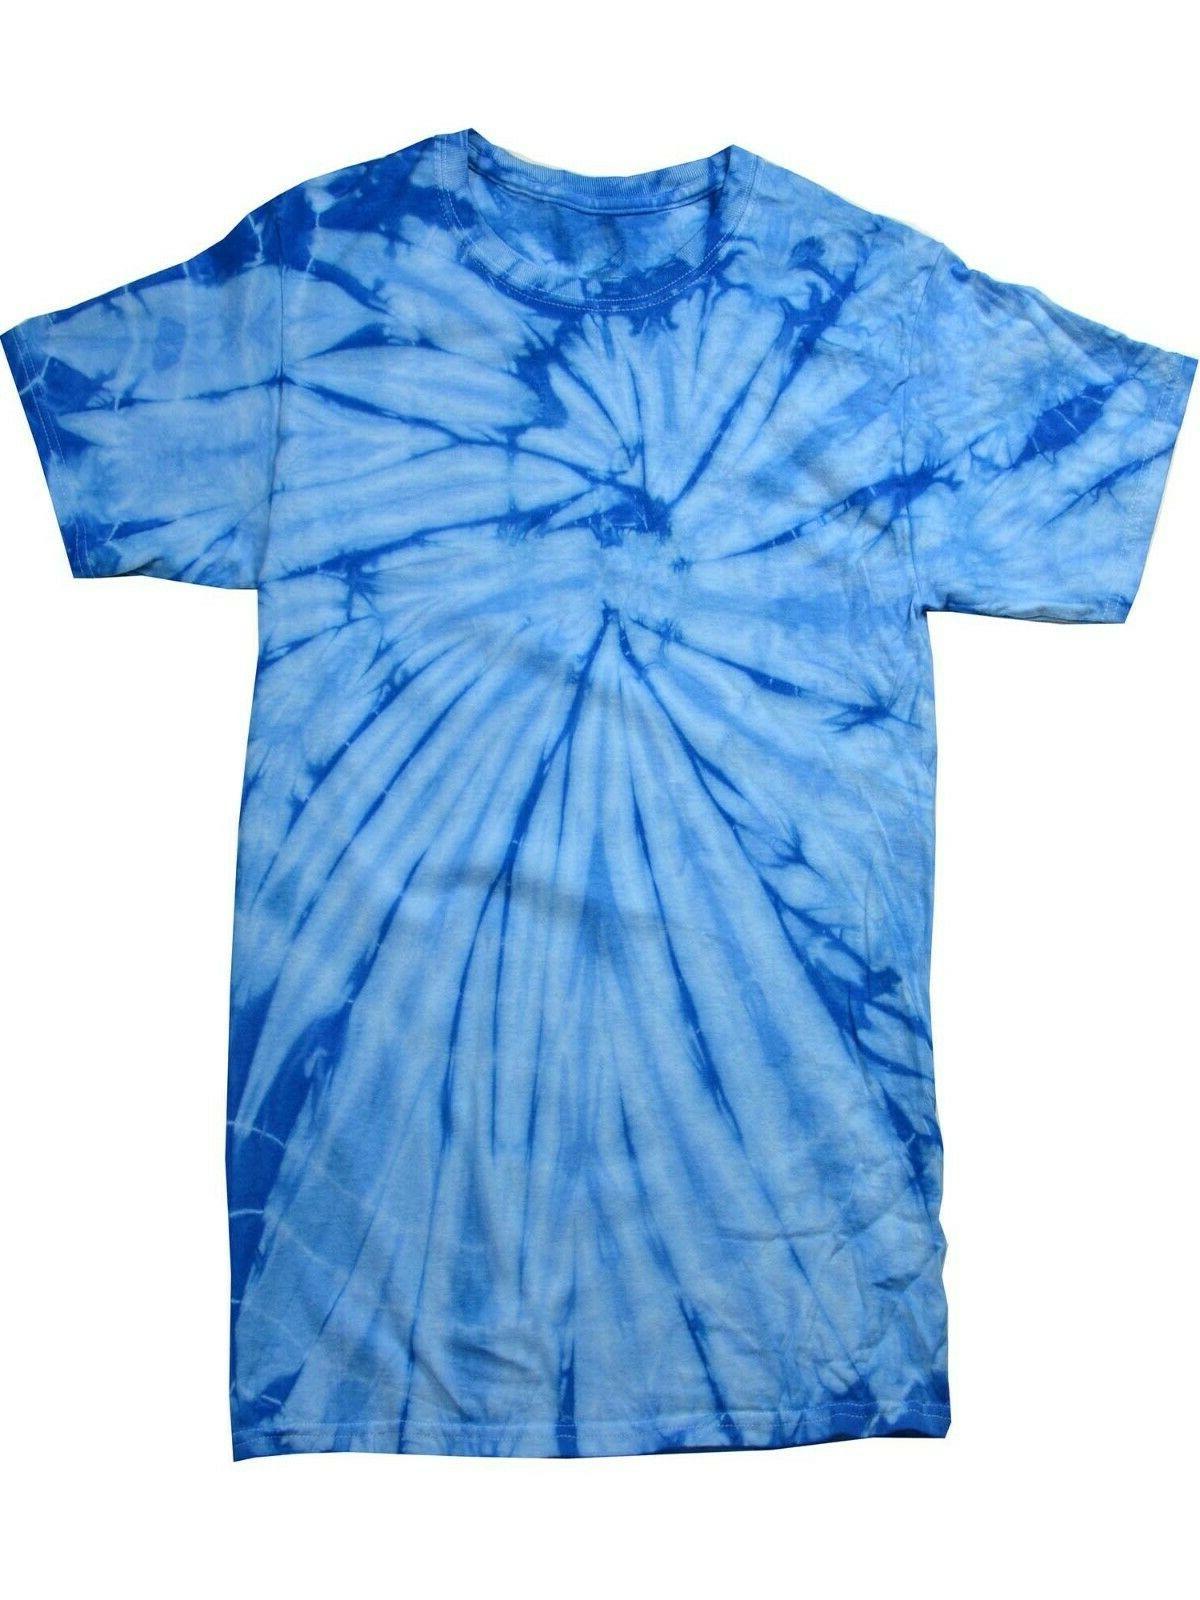 Pick a Dye Adult M 2XL 3XL 5XL Colortone